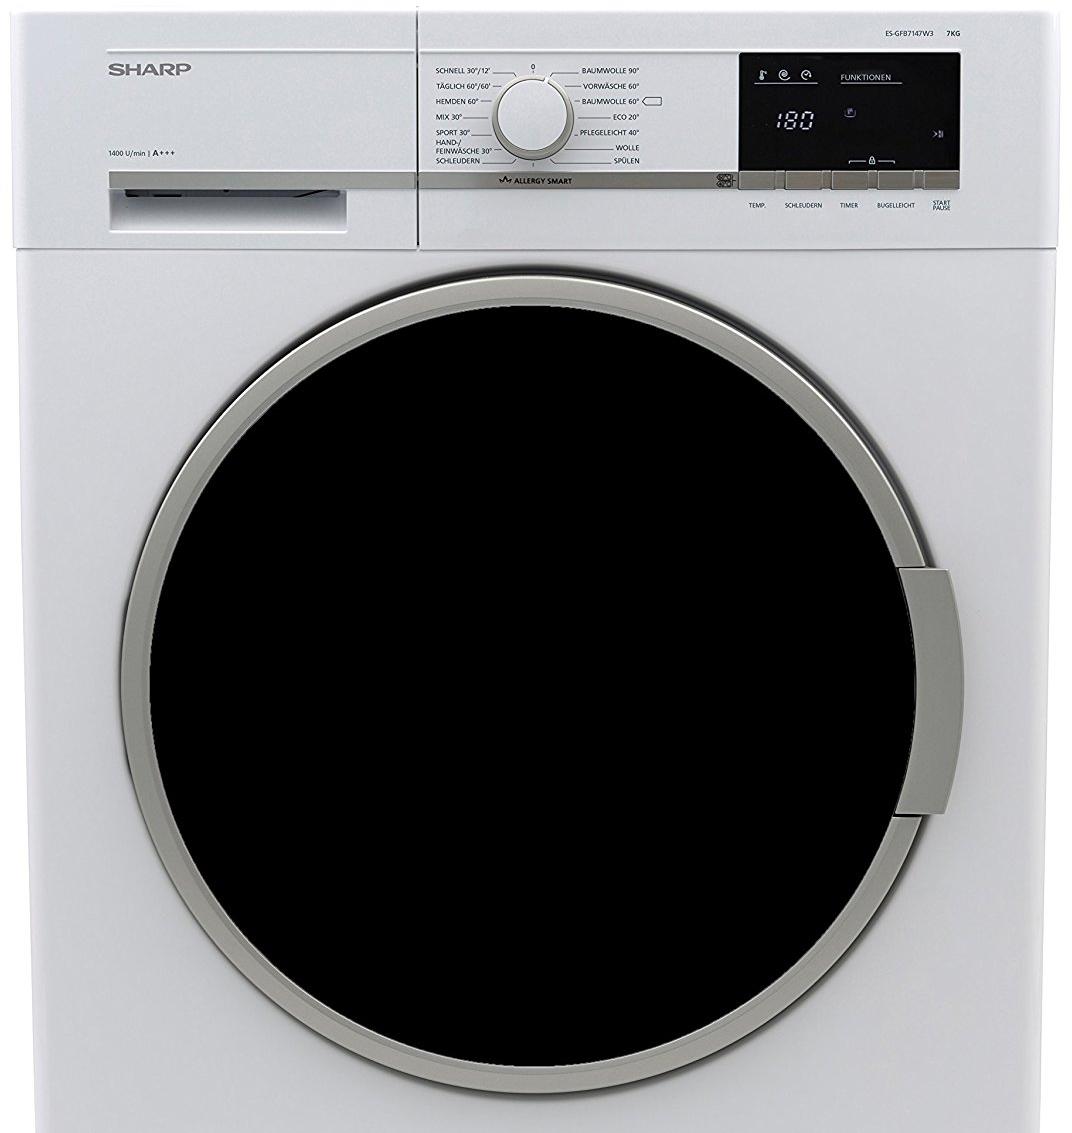 Sharp Waschmaschine A+++, 7kg, Aquastop, 15 Minuten Schnellwaschprogramm, Beladungserkennung, LED Display und schwarz getöntem Bullauge